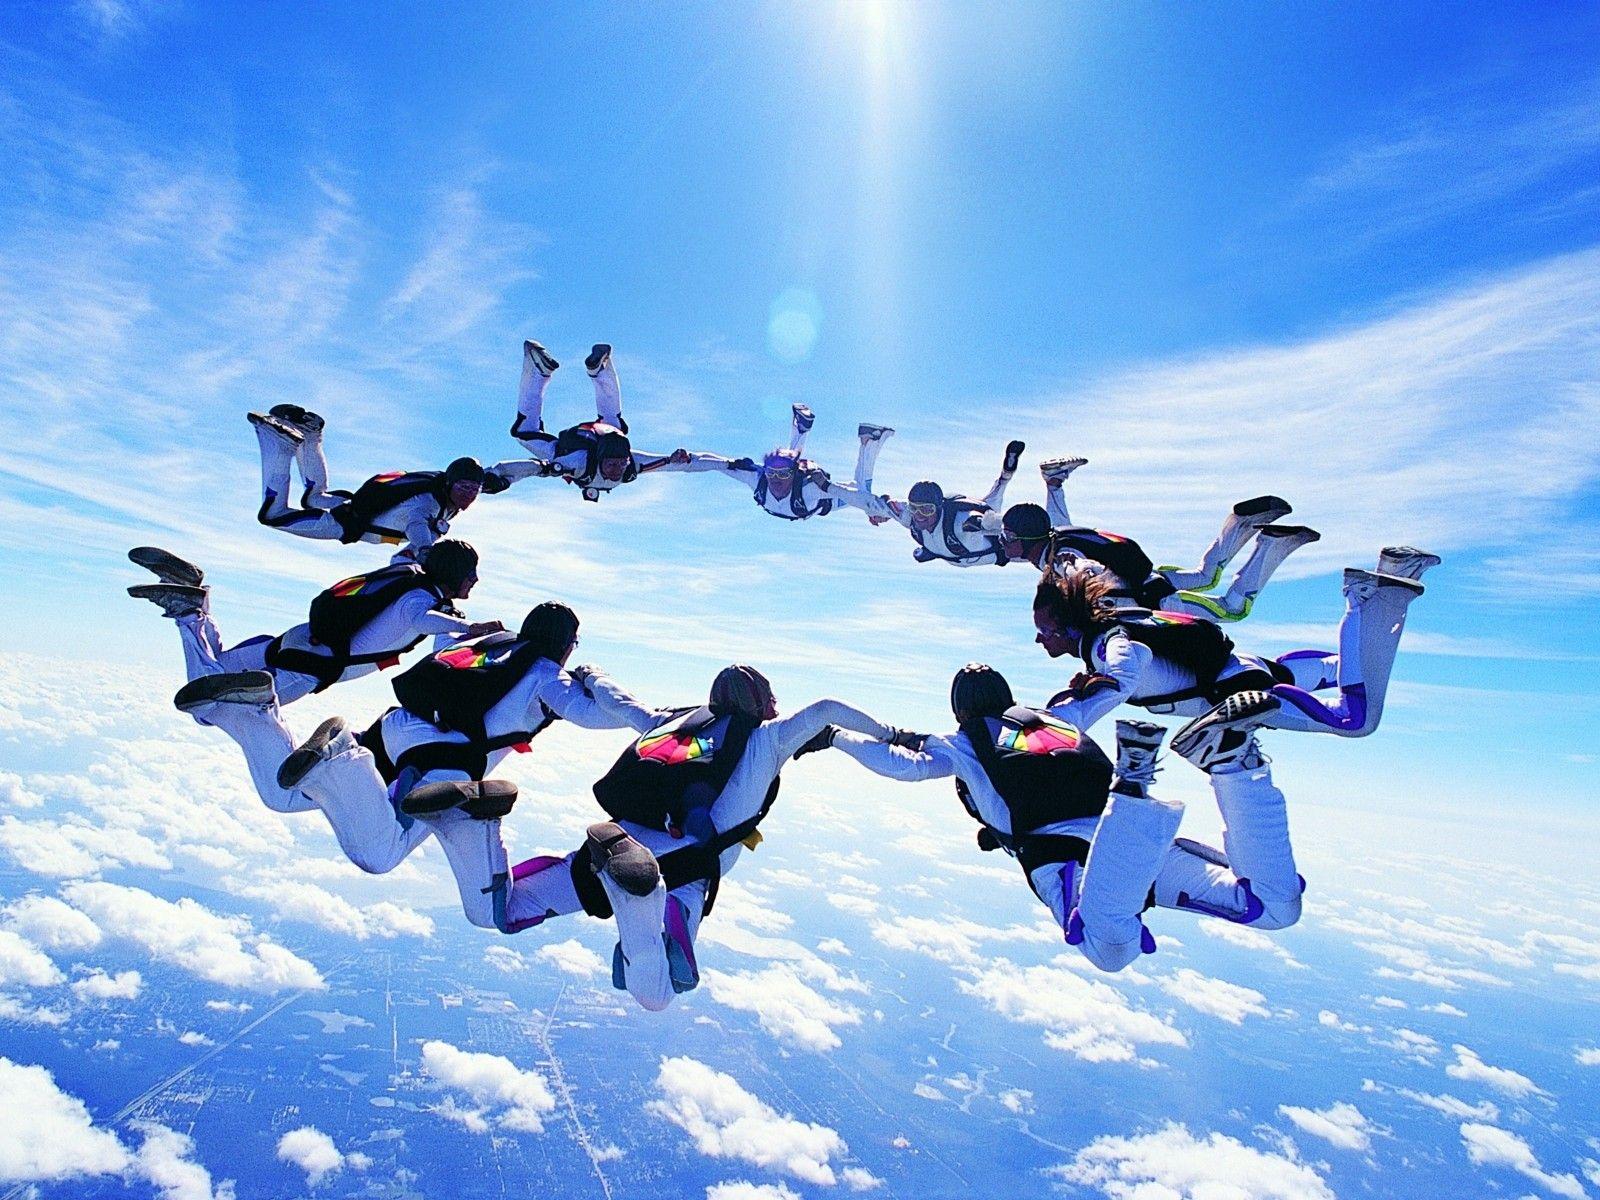 Le Sky Diving Ou Parachute En Chute Libre Est Depuis Tres Longtemps Un Sport Extreme De Premier Plan Life Is An Adventure Skydiving Adventure